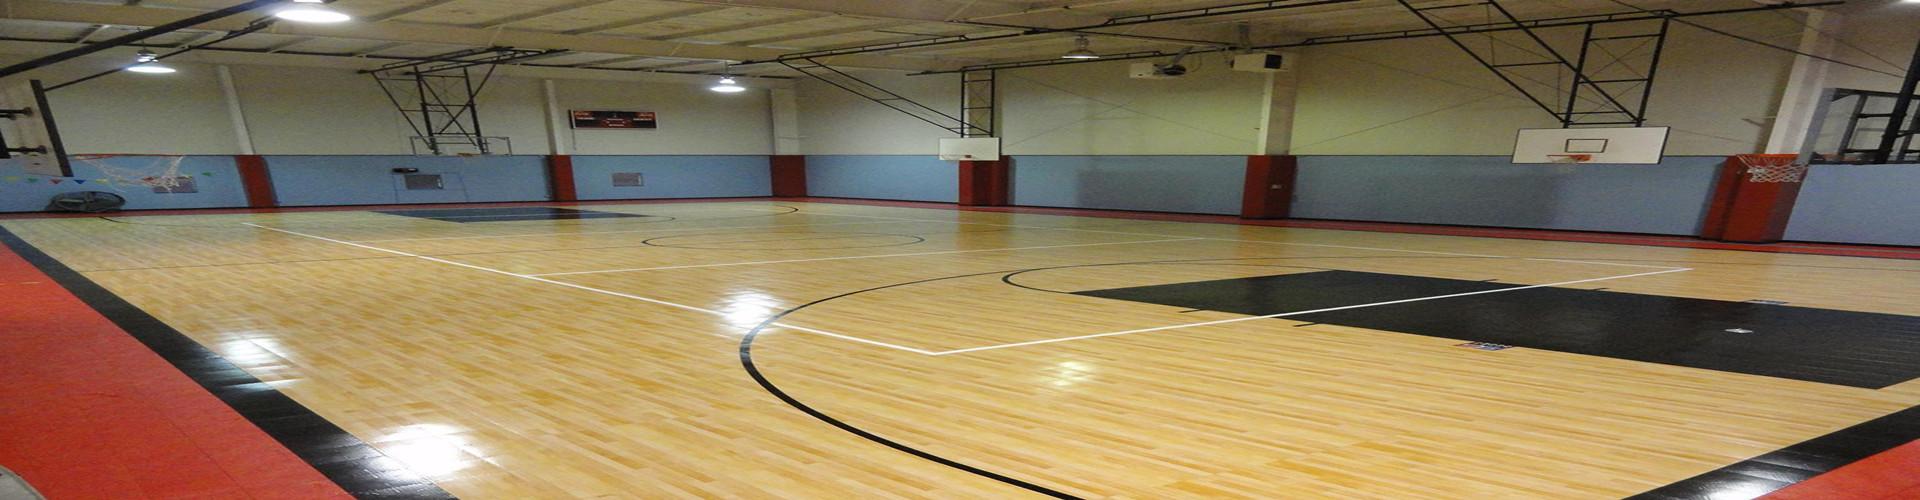 体育地板-体育木地板